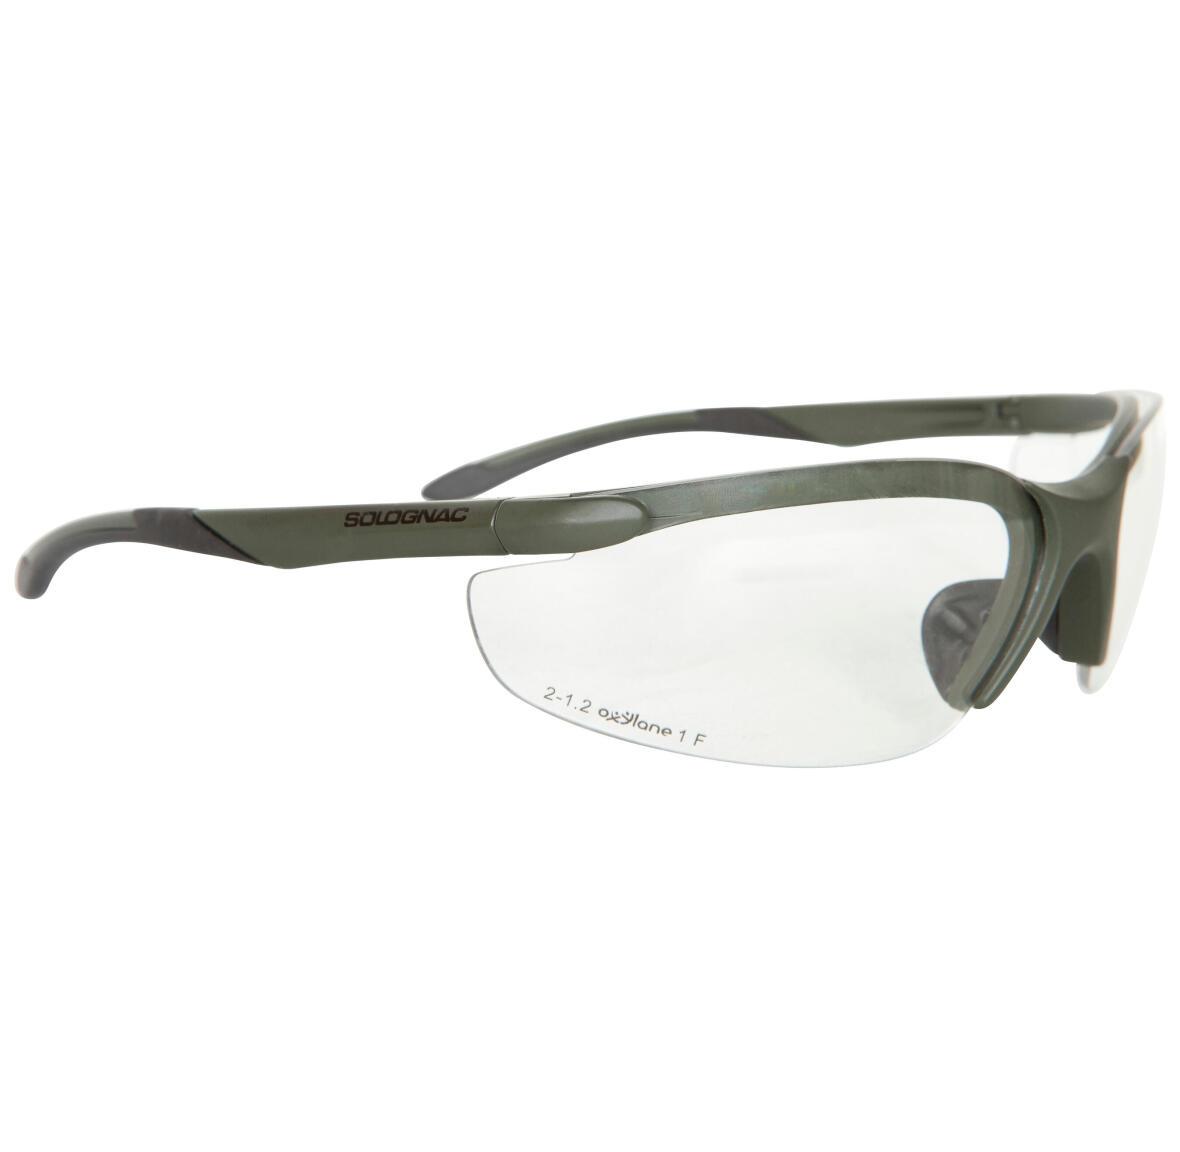 lunette solognac neutre vert